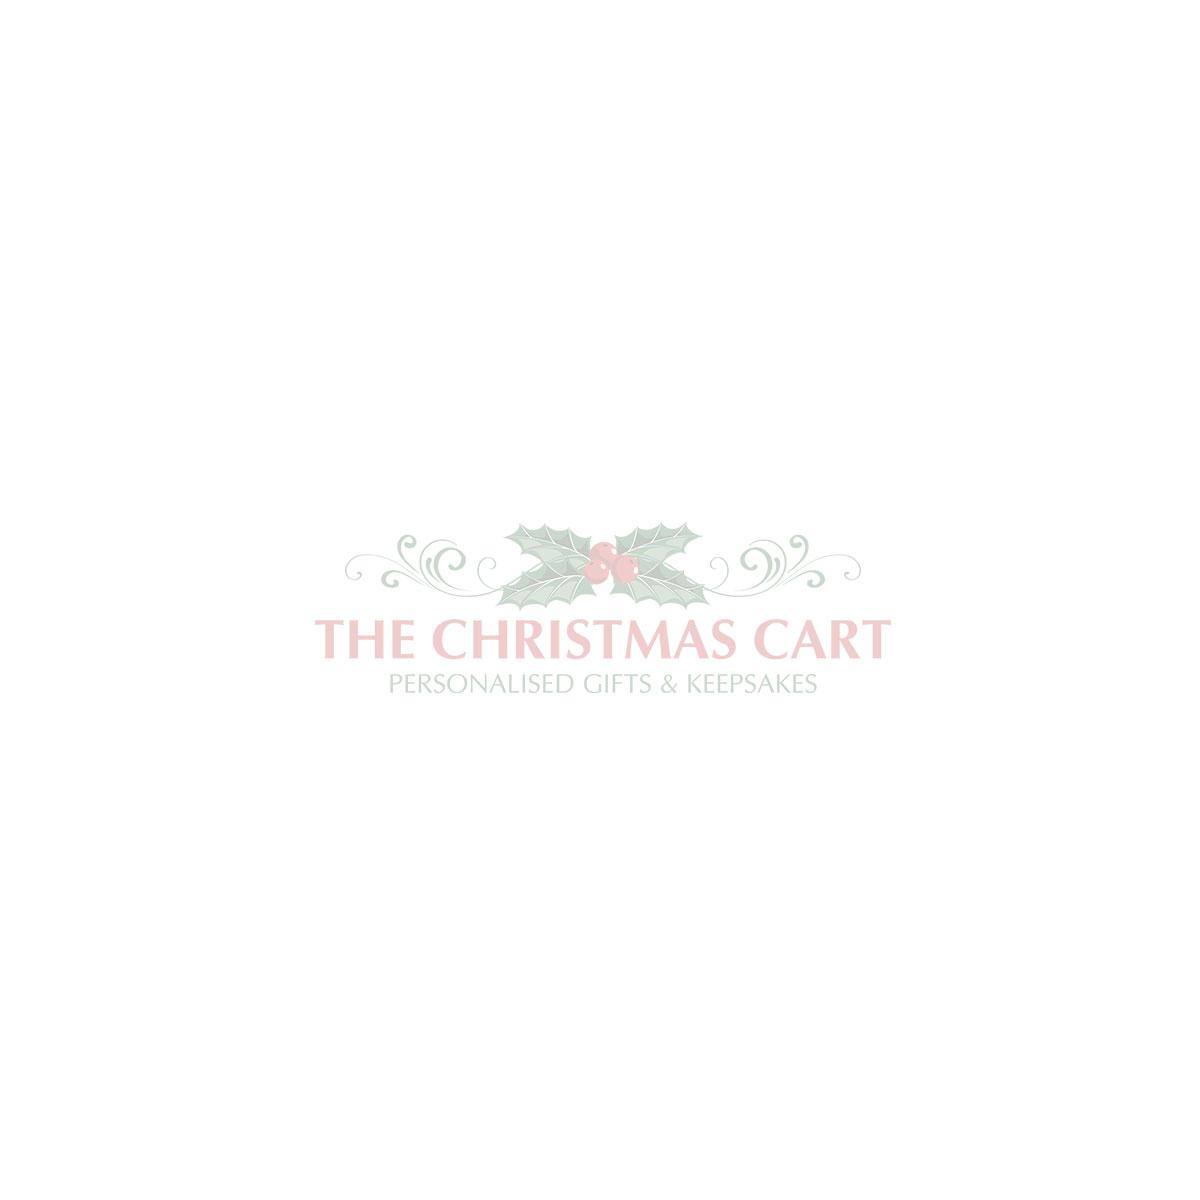 Merry Christmas Life Buoy Beach Wreath